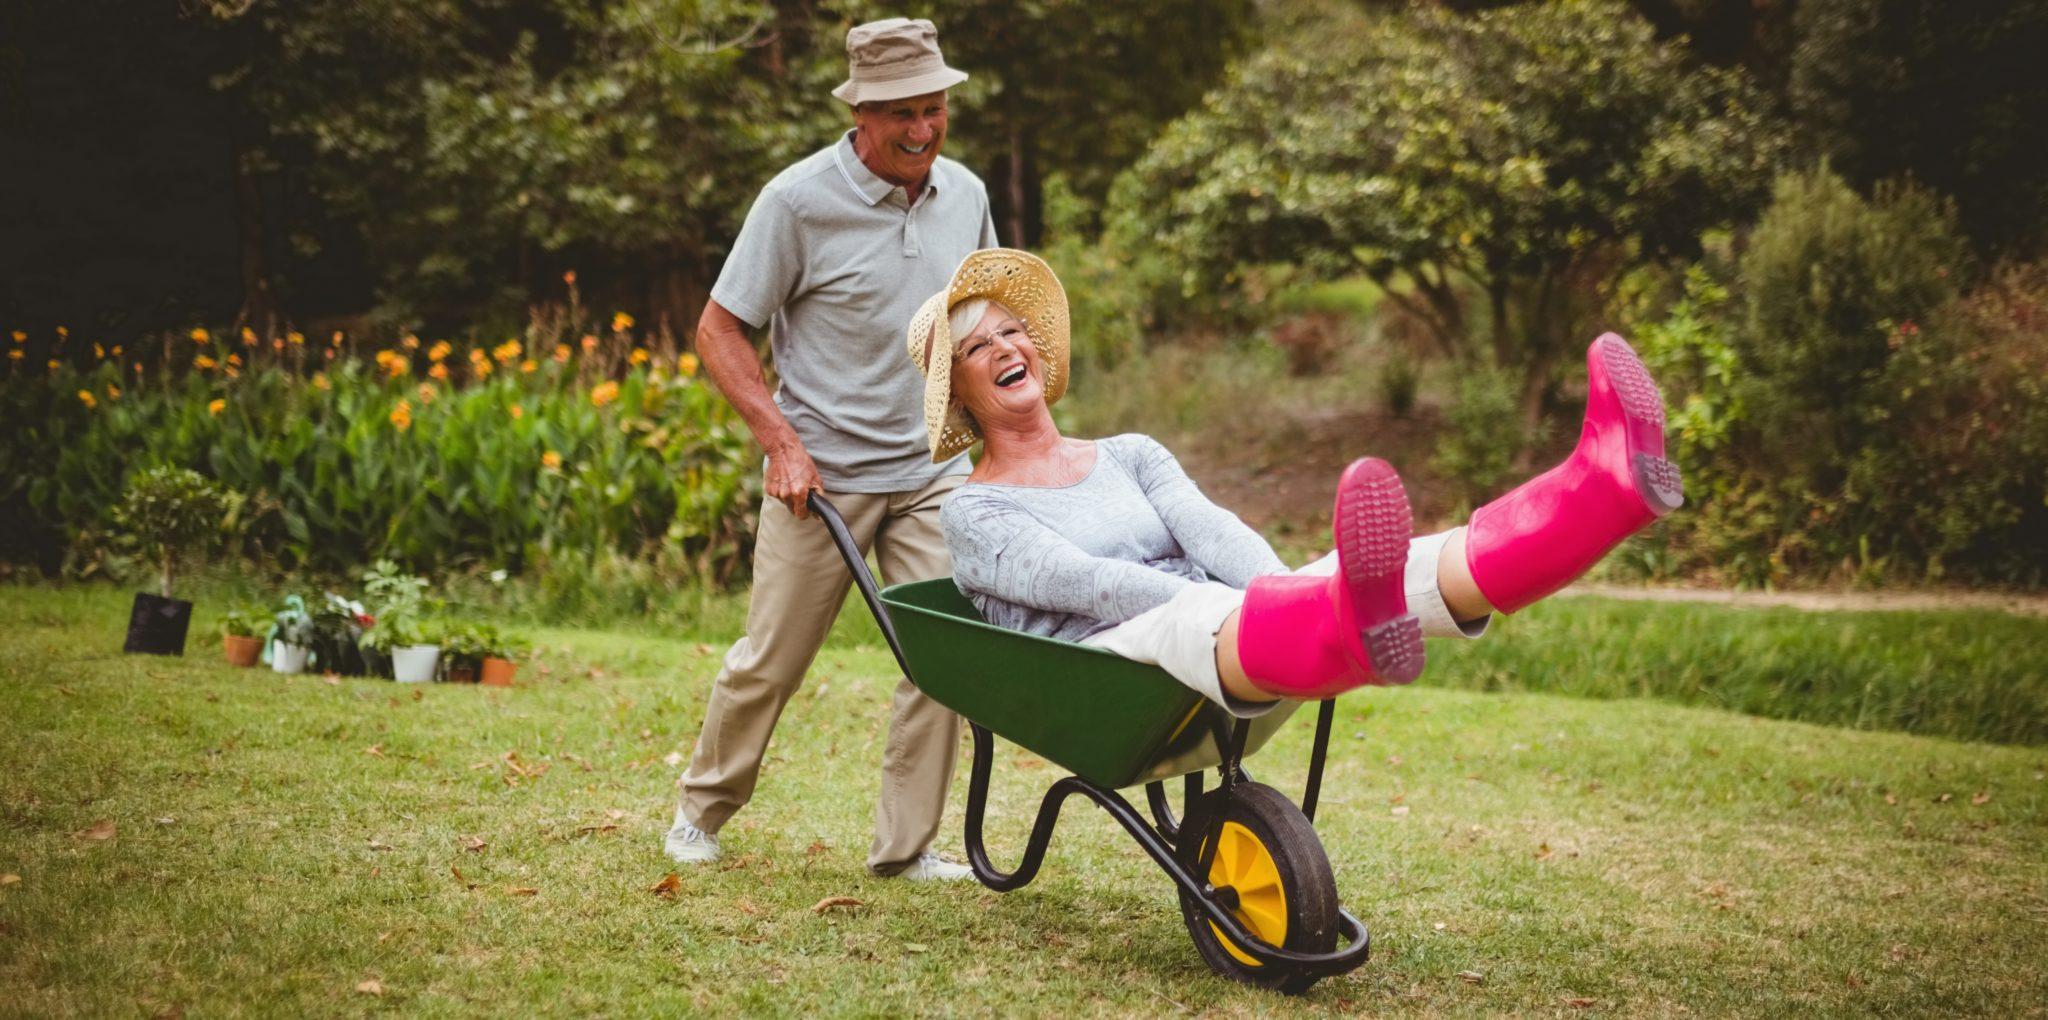 Seniors jardinage - activités à la retraite - Bazile Telecom